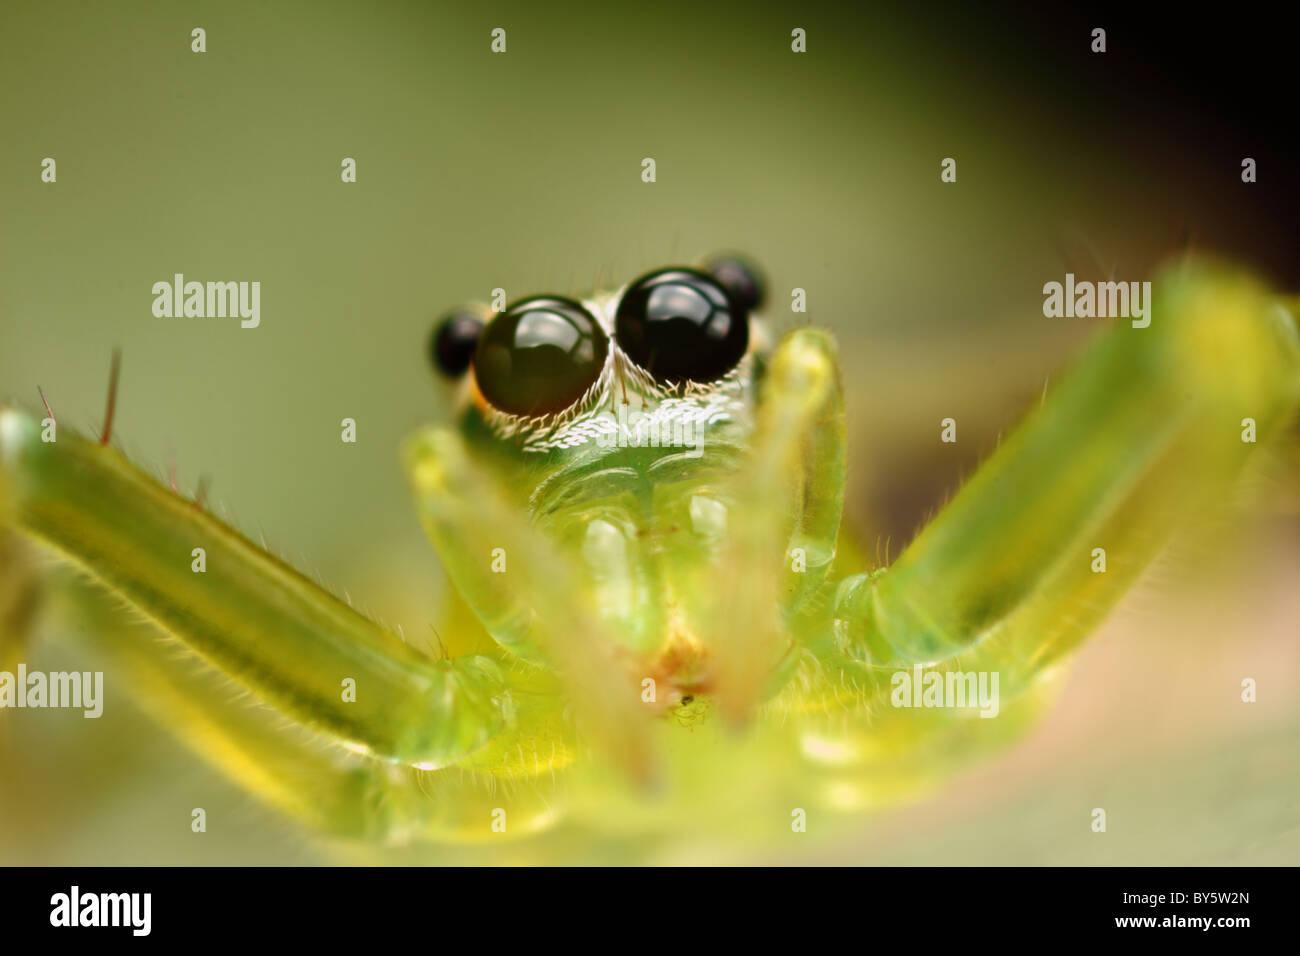 Photo est un pontage transparent vert araignée au moment de sauter. Photo Stock